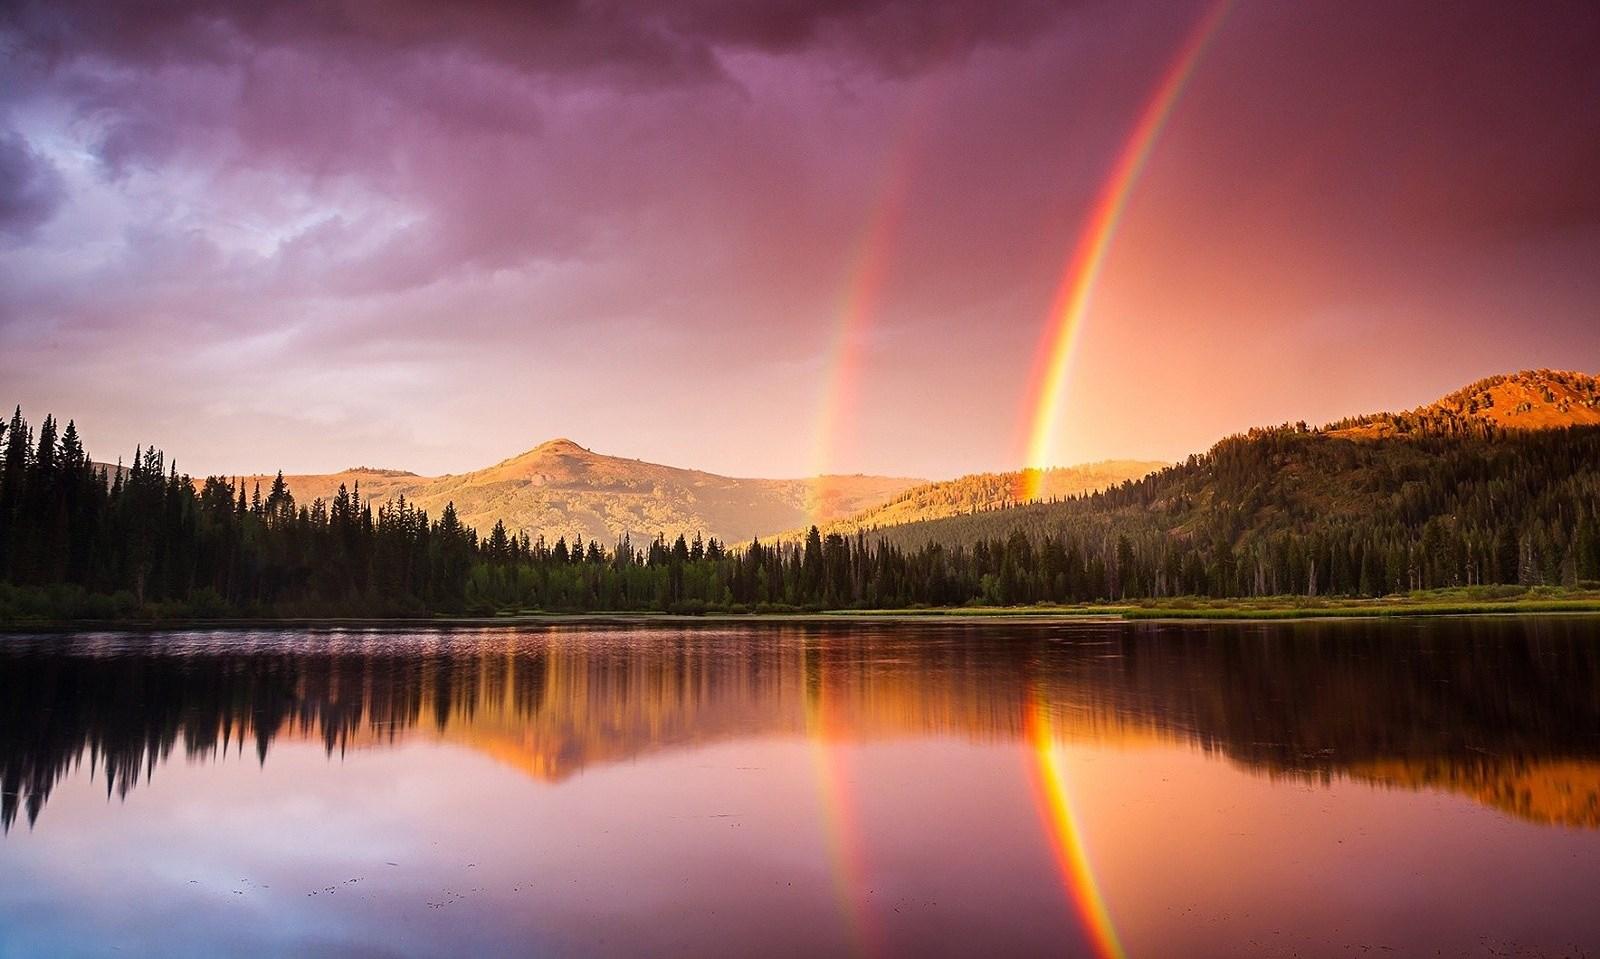 Vedo i tuoi veri colori risplendere dentro di te come un arcobaleno!